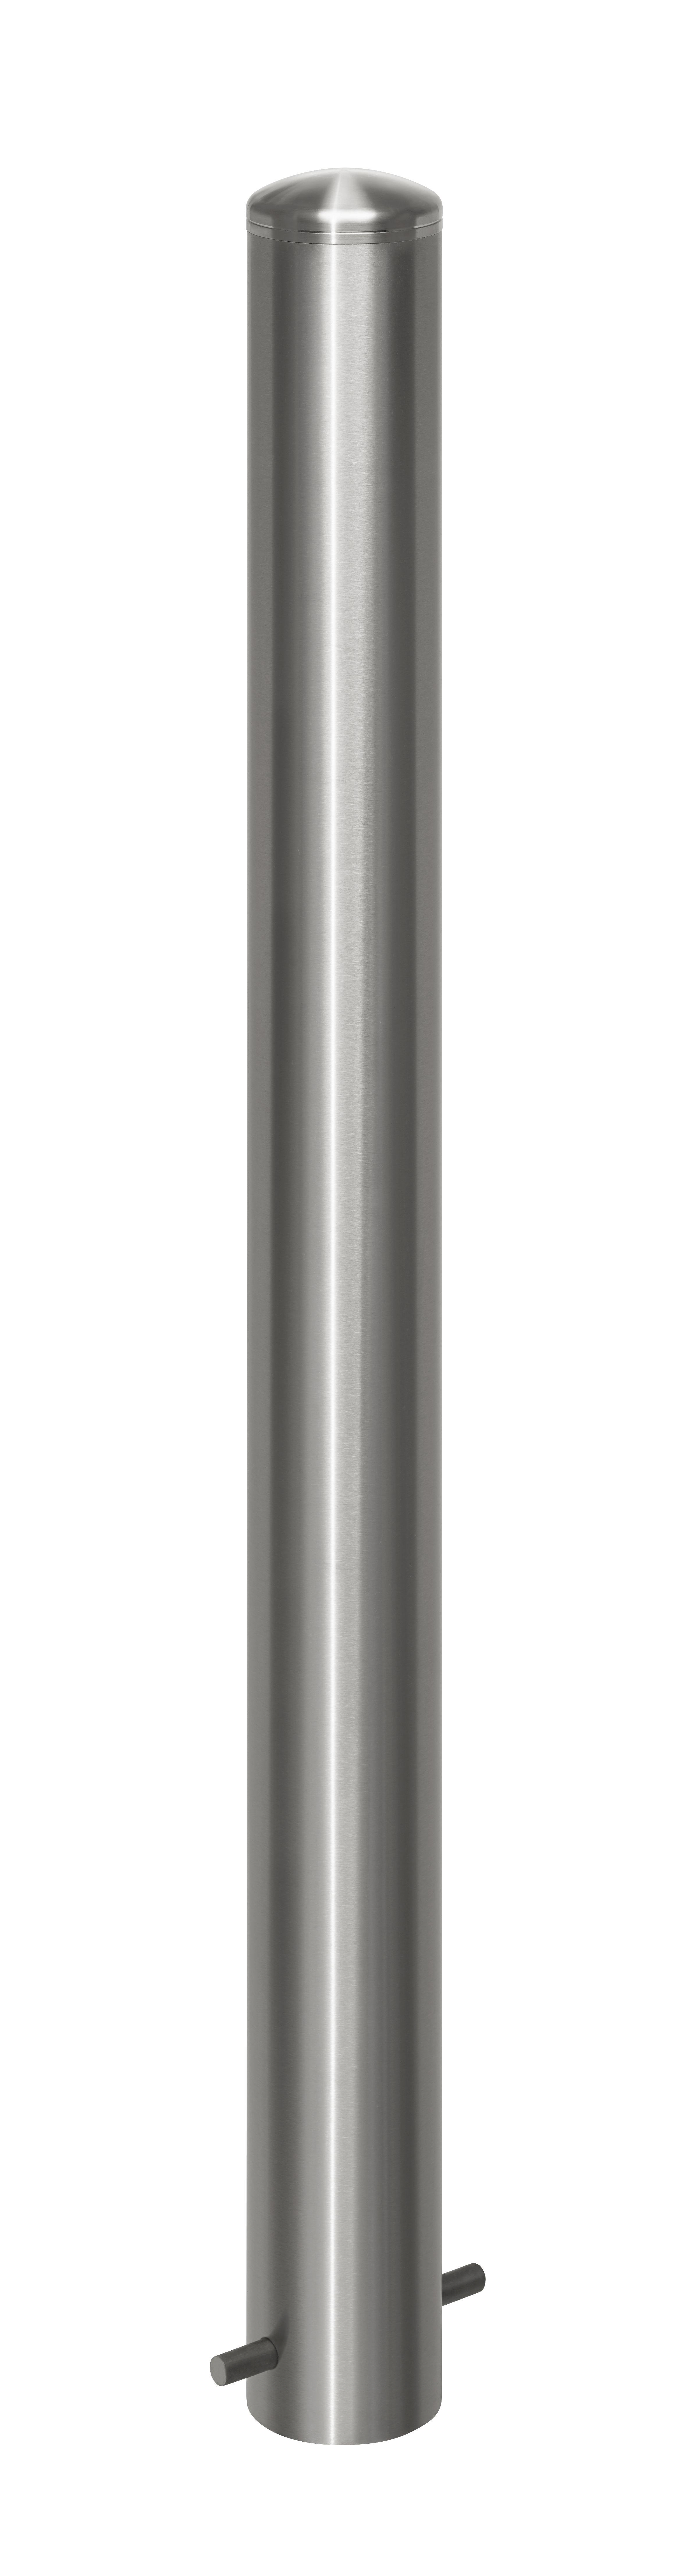 Absperrpfosten aus Edelstahl ¢ 102 mm